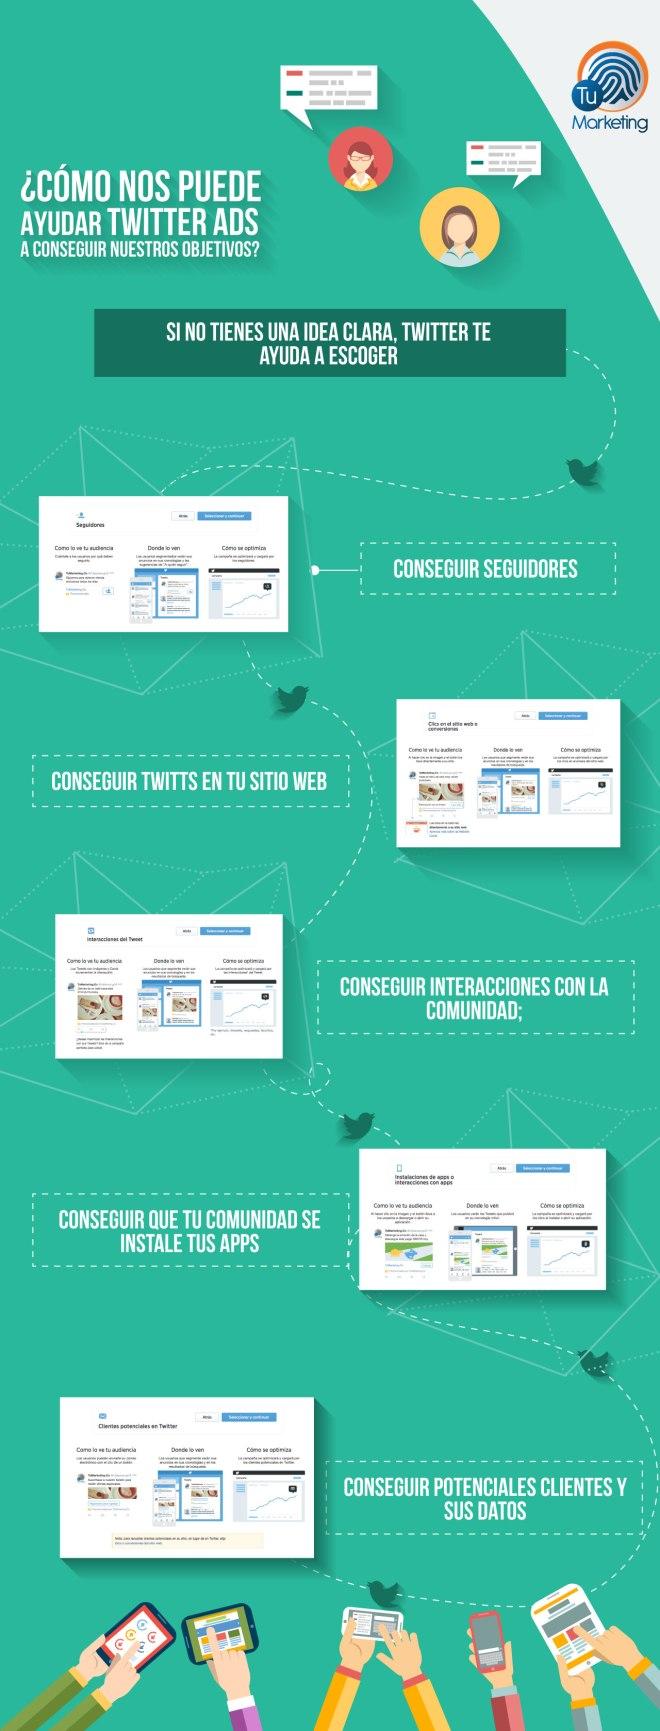 Cómo Twitter Ads nos puede ayudar a conseguir nuestros objetivos